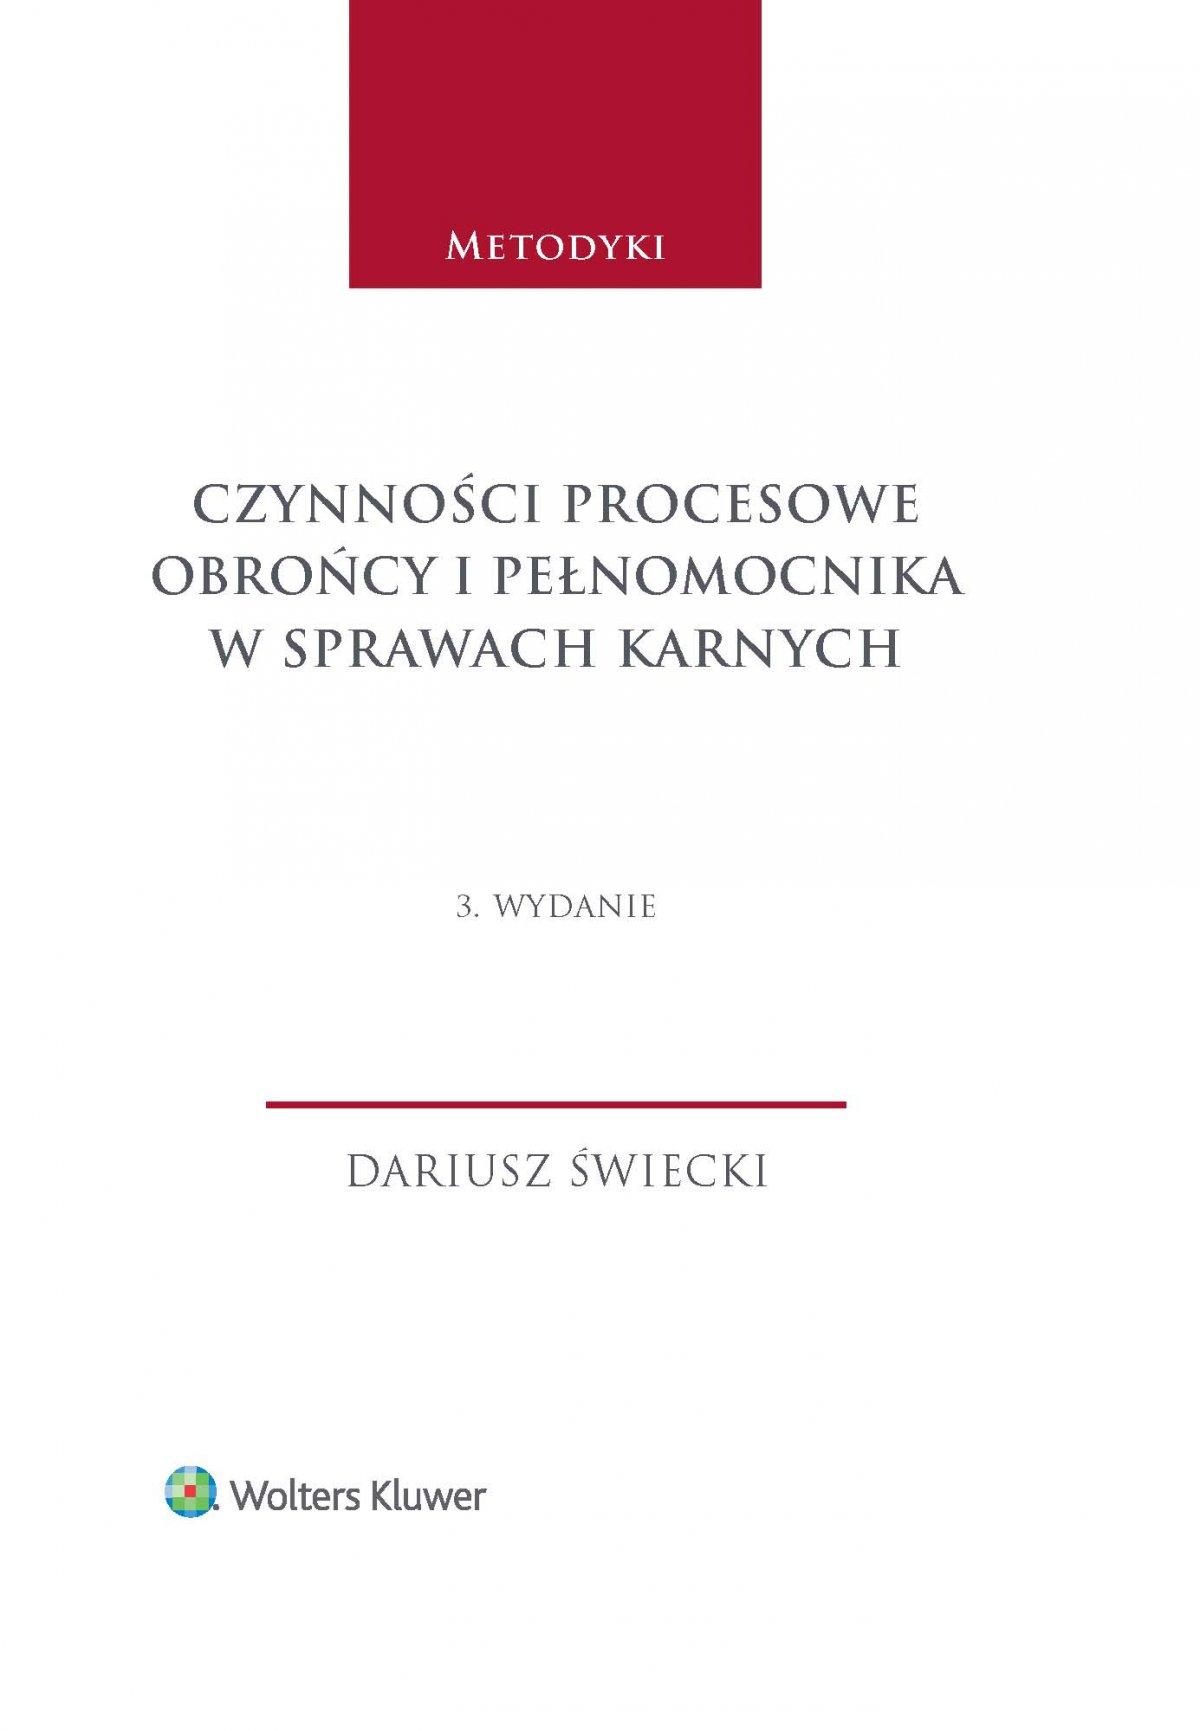 Czynności procesowe obrońcy i pełnomocnika w sprawach karnych, wydanie 3 - Ebook (Książka EPUB) do pobrania w formacie EPUB